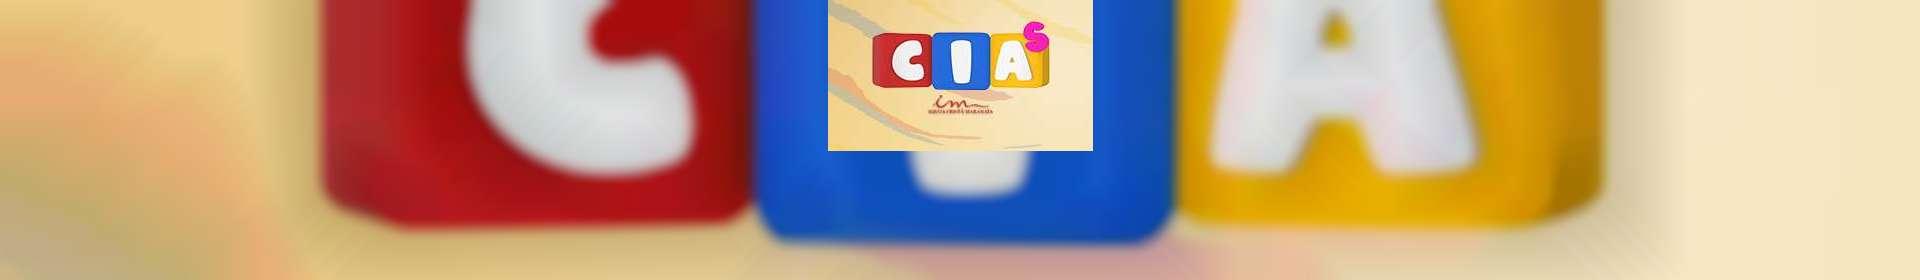 Aula de CIAS: classe de 11 a 15 anos - 18 de junho de 2020